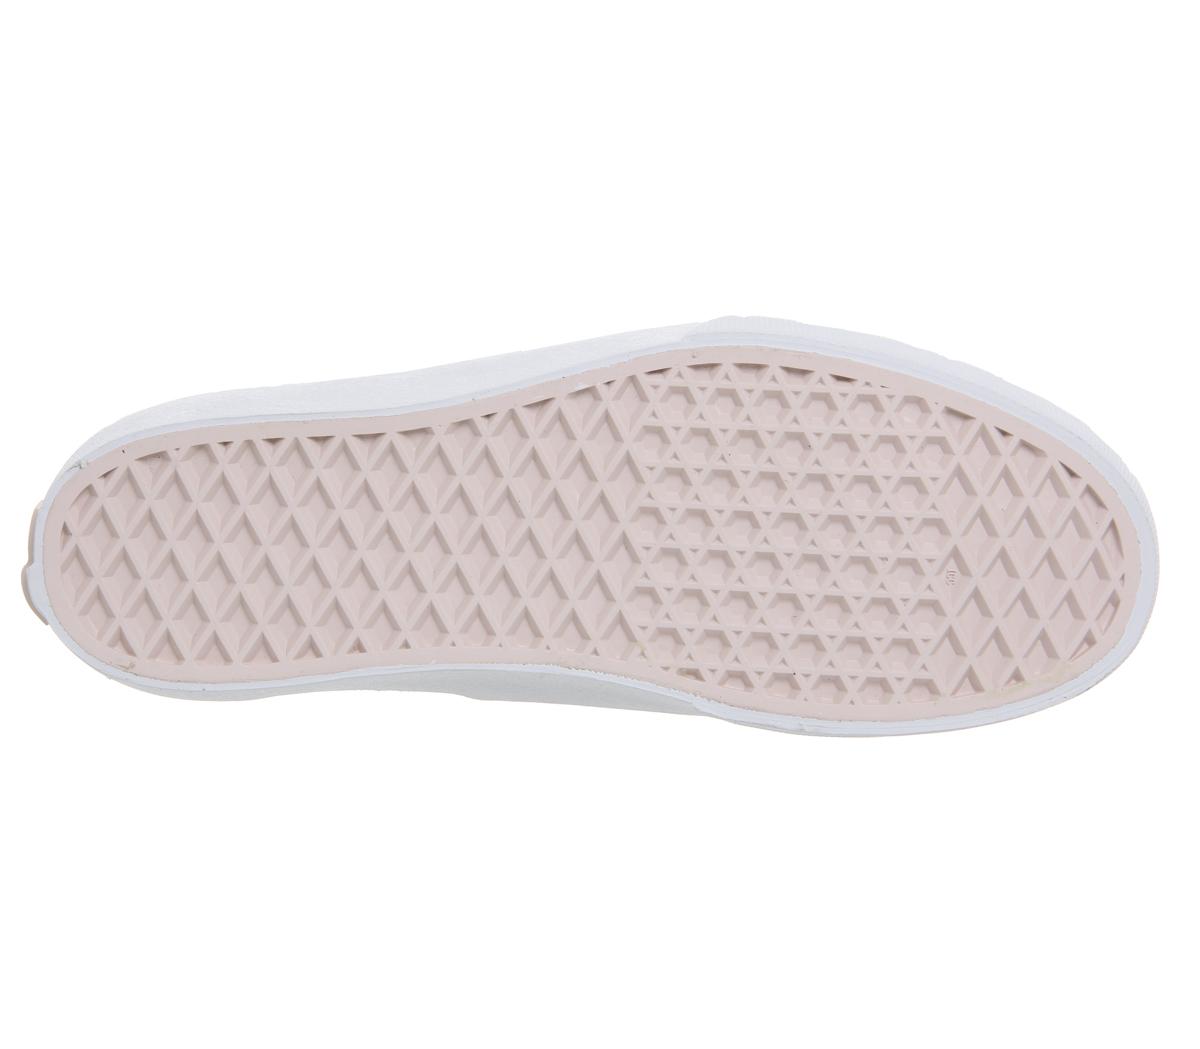 Para mujer Vans auténticas plataformas Castlerock Auténtico Blanco ... cef0b503a8c